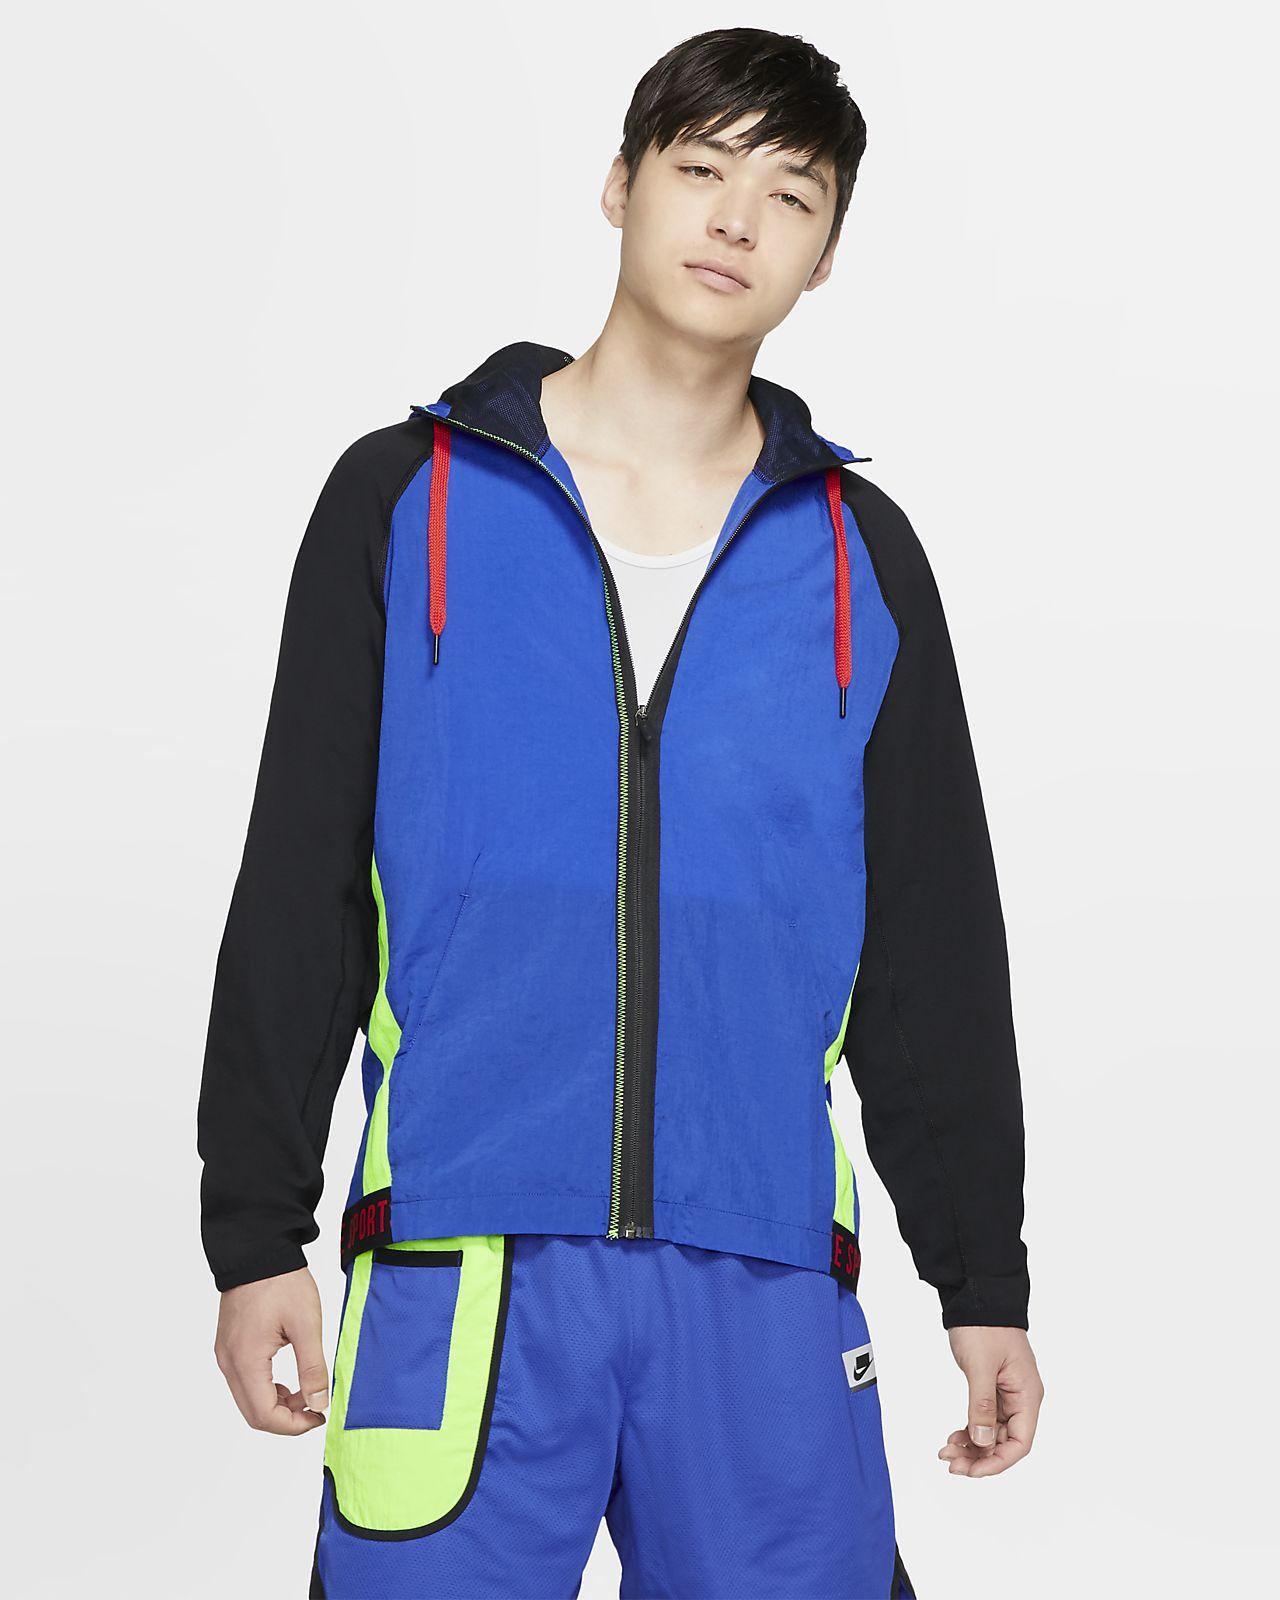 Nike Flex Sport Clash Herren-Trainingsjacke mit durchgehendem Reißverschluss